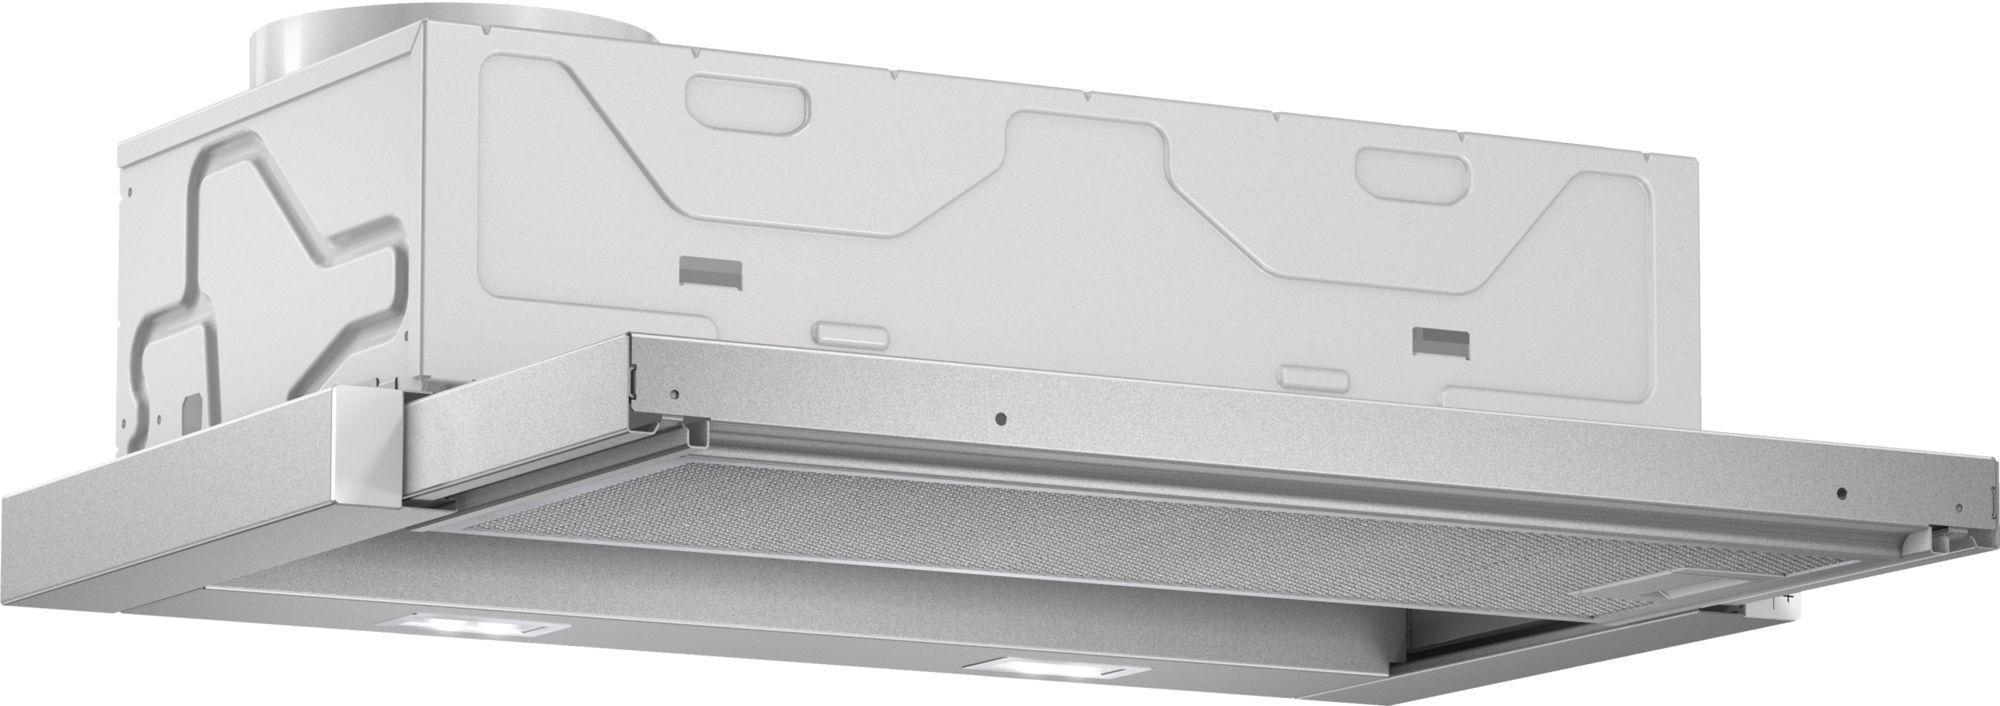 Bosch Serie 4 DFM 064 A 51 IX